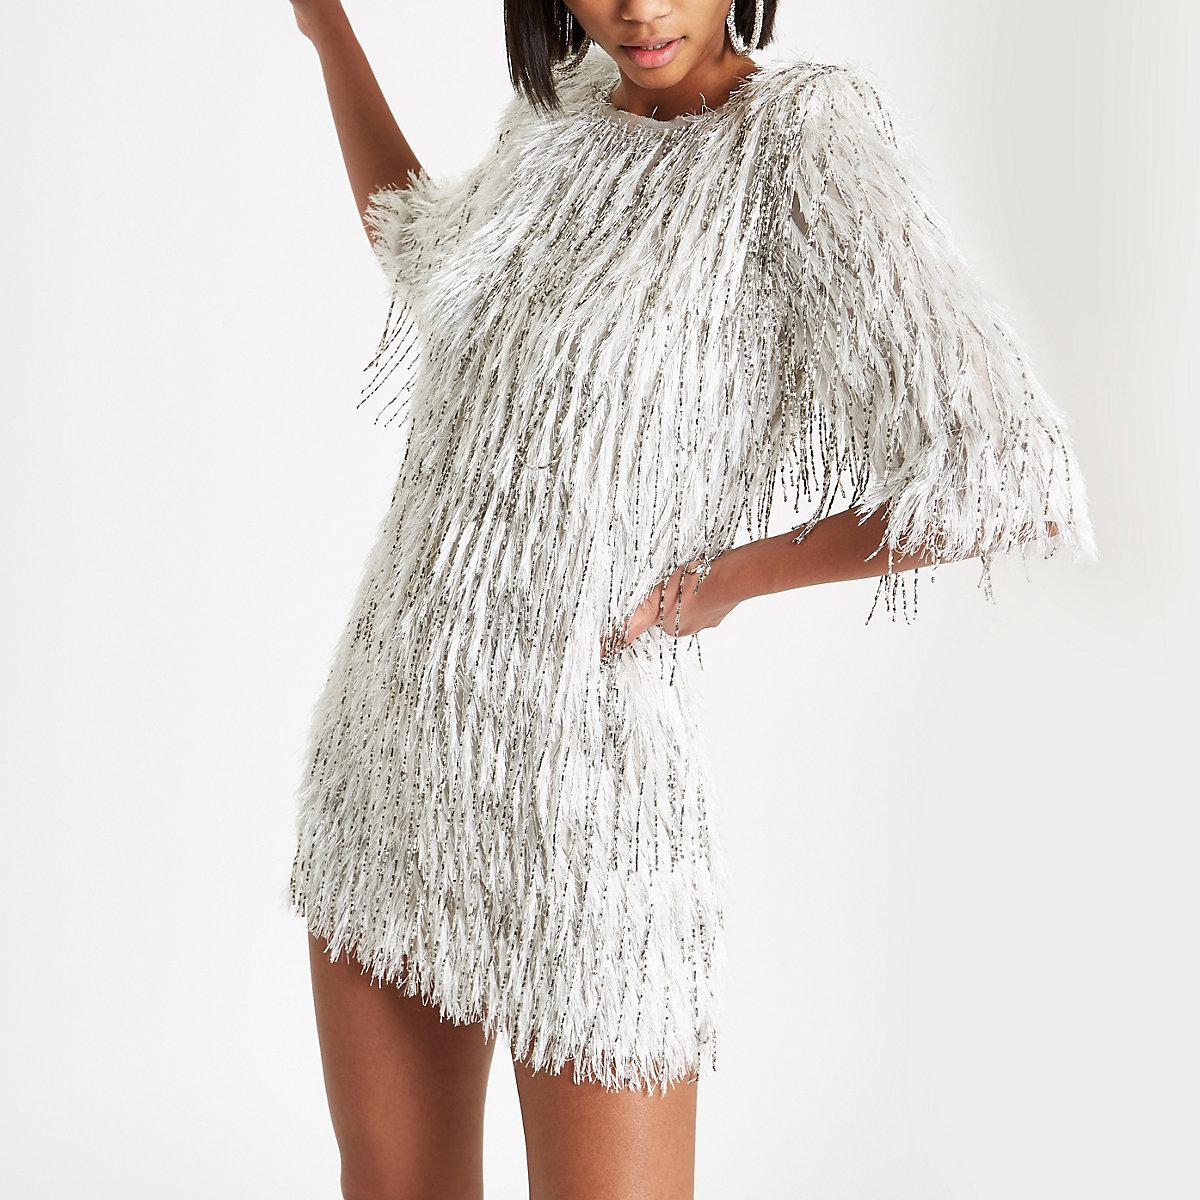 silver sequin embellished fringe dress swing dresses